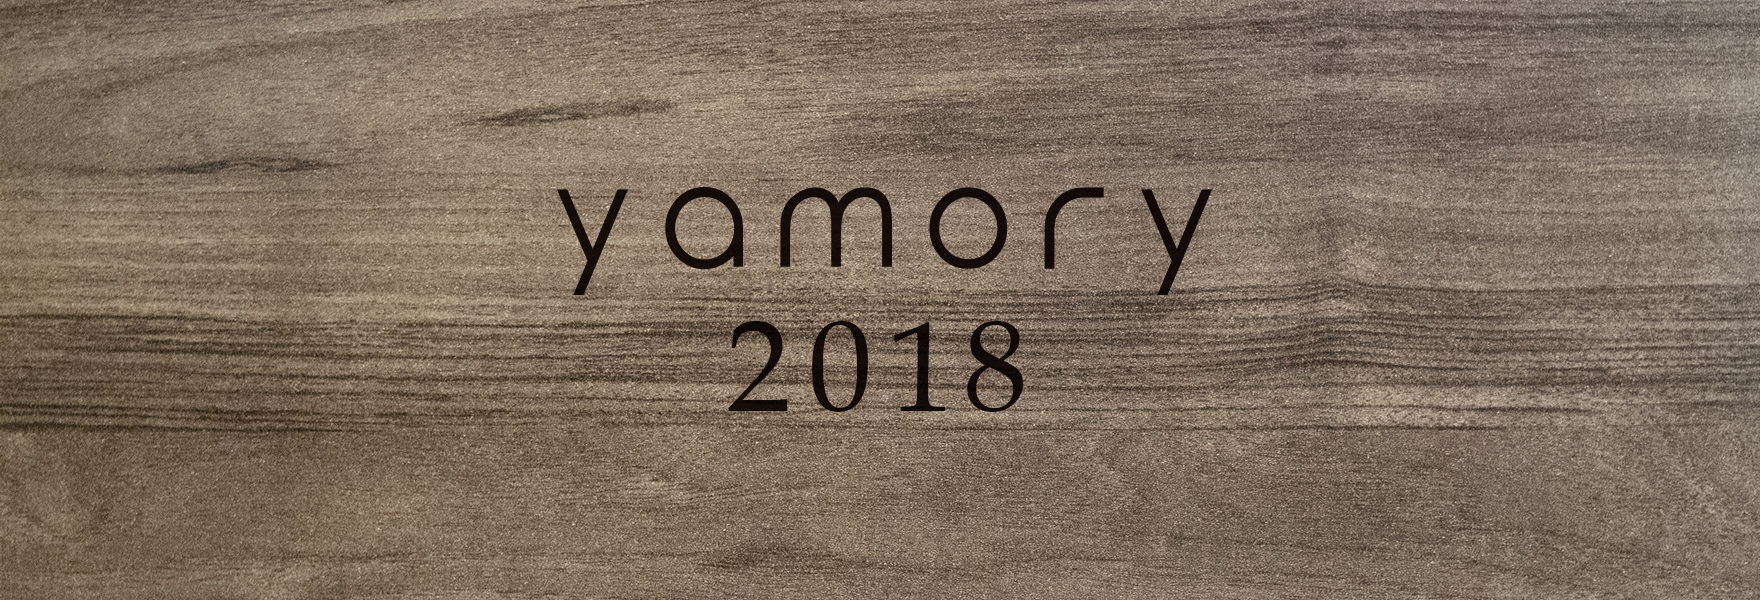 yamory2018b